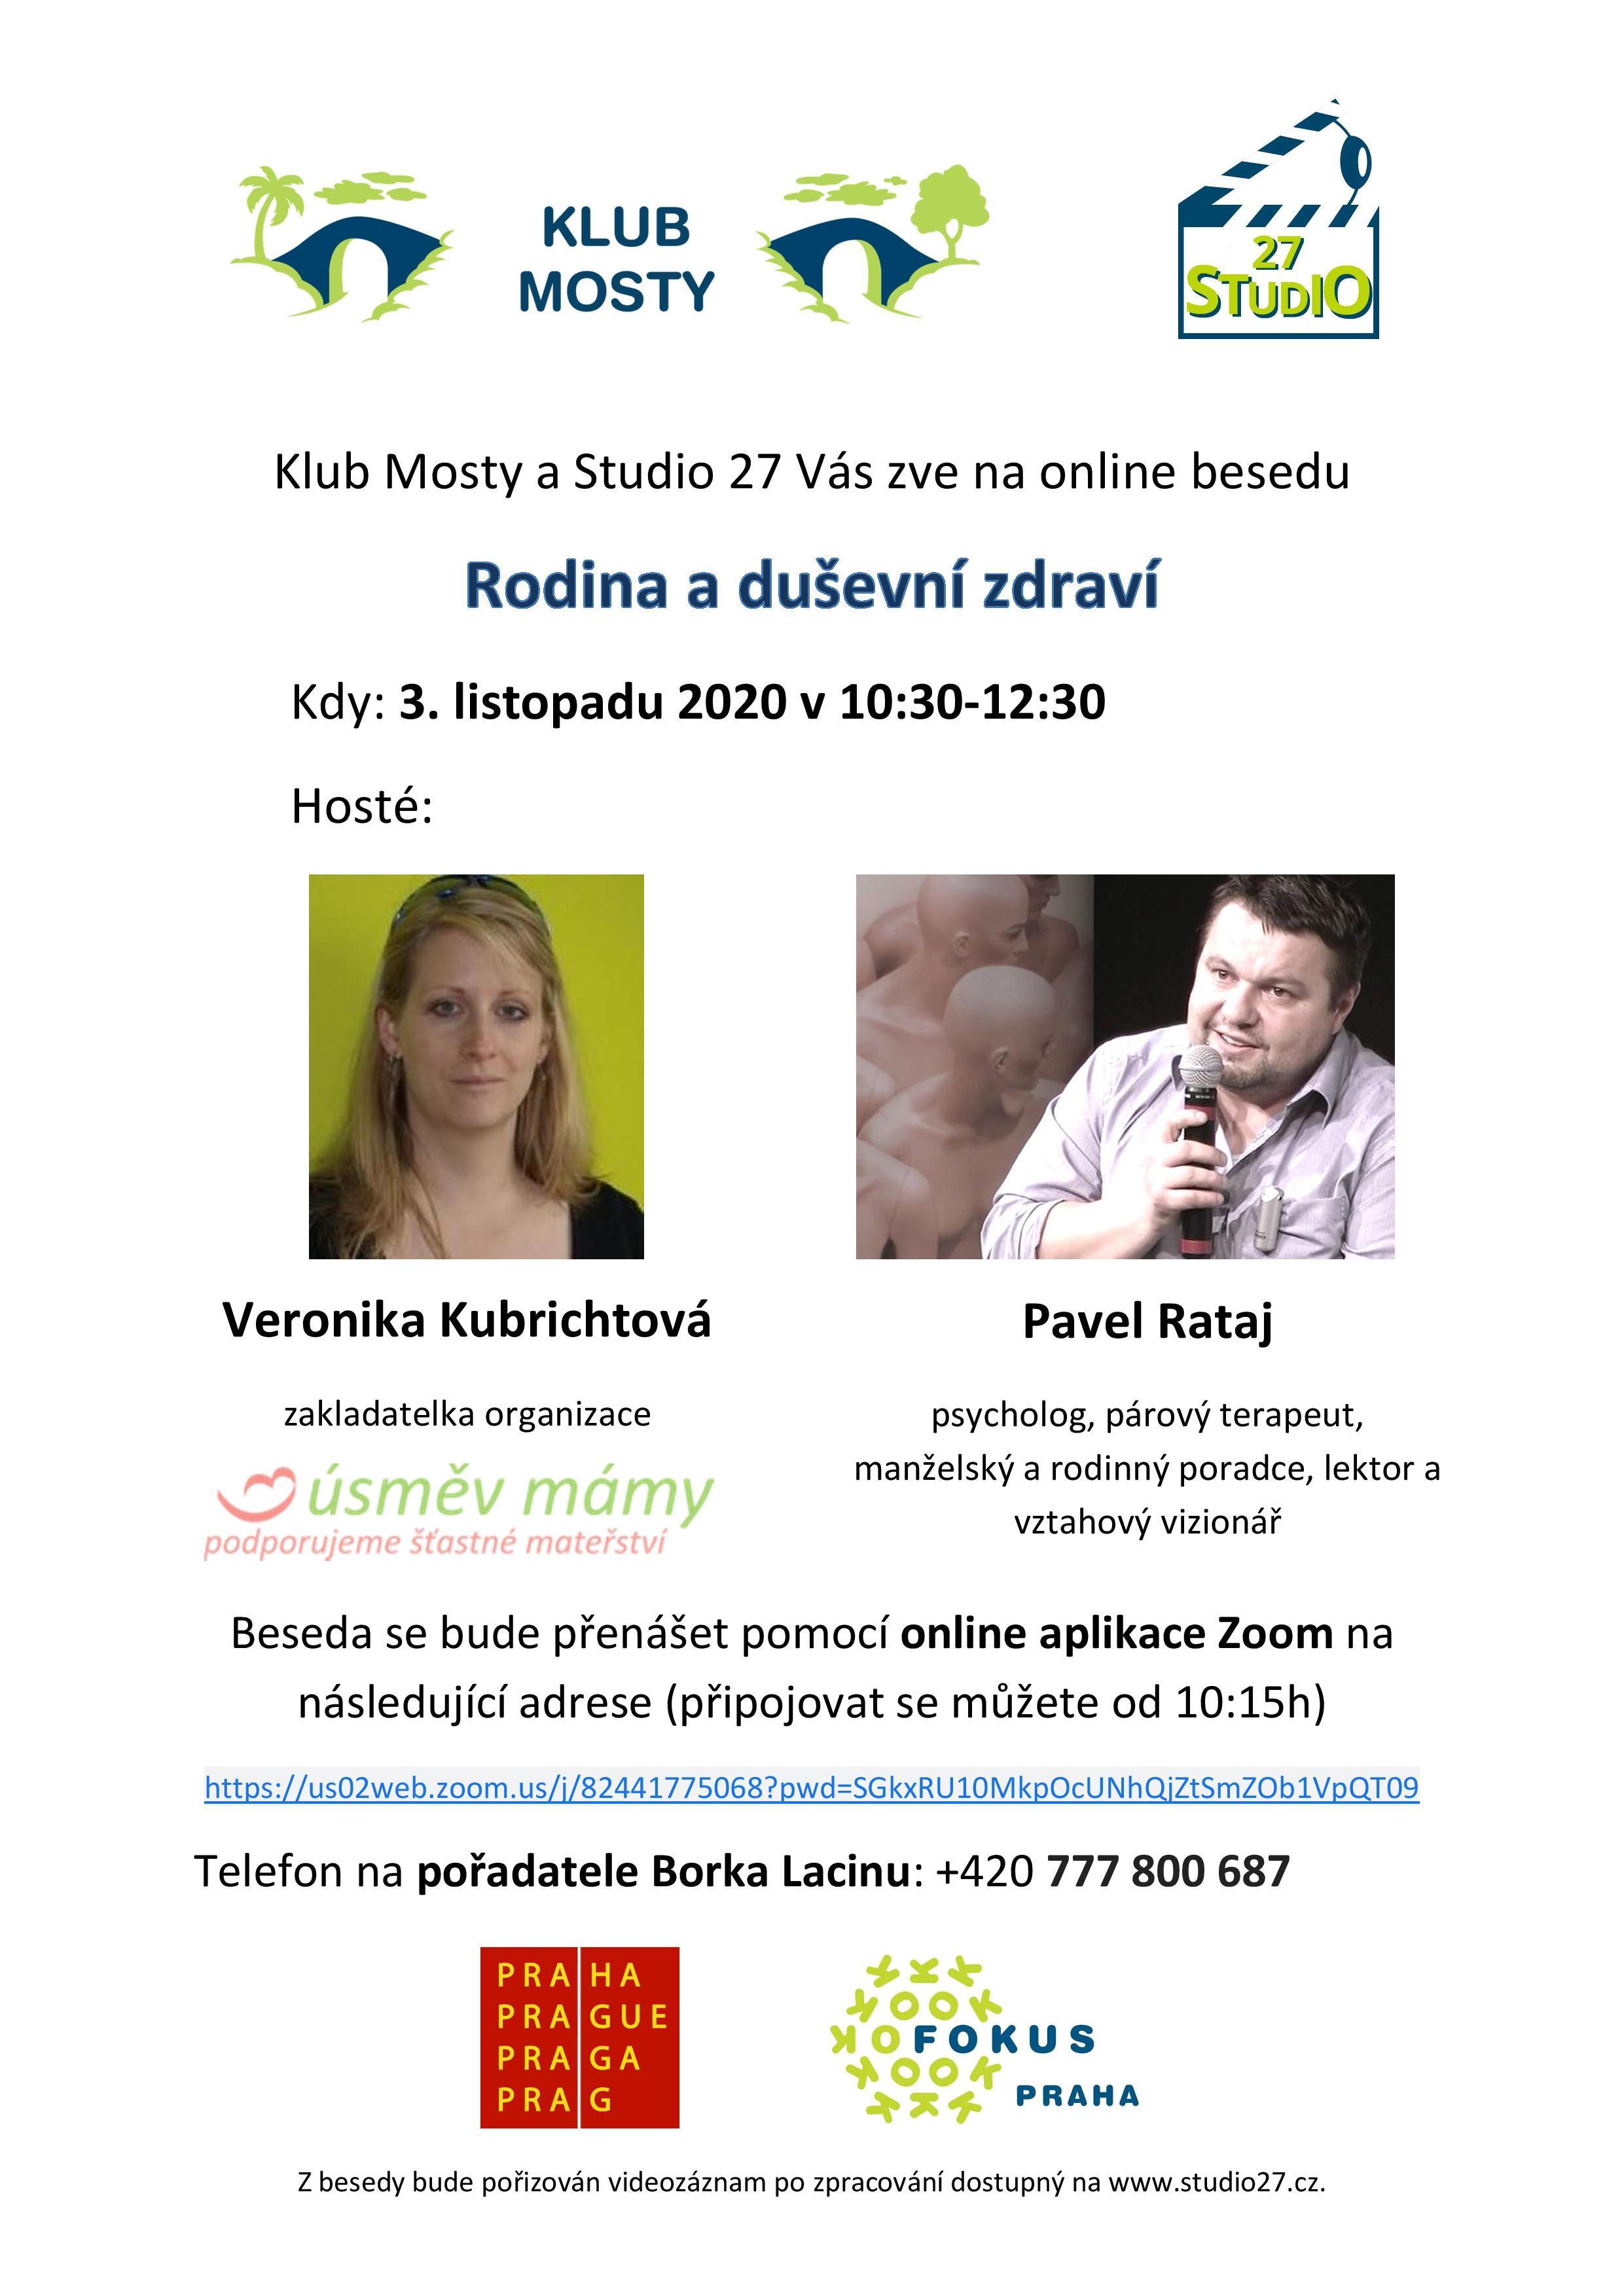 Studio 27 - Pozvánka na besedu Rodina a duševní zdraví - online 3.11.2020 v 10:30